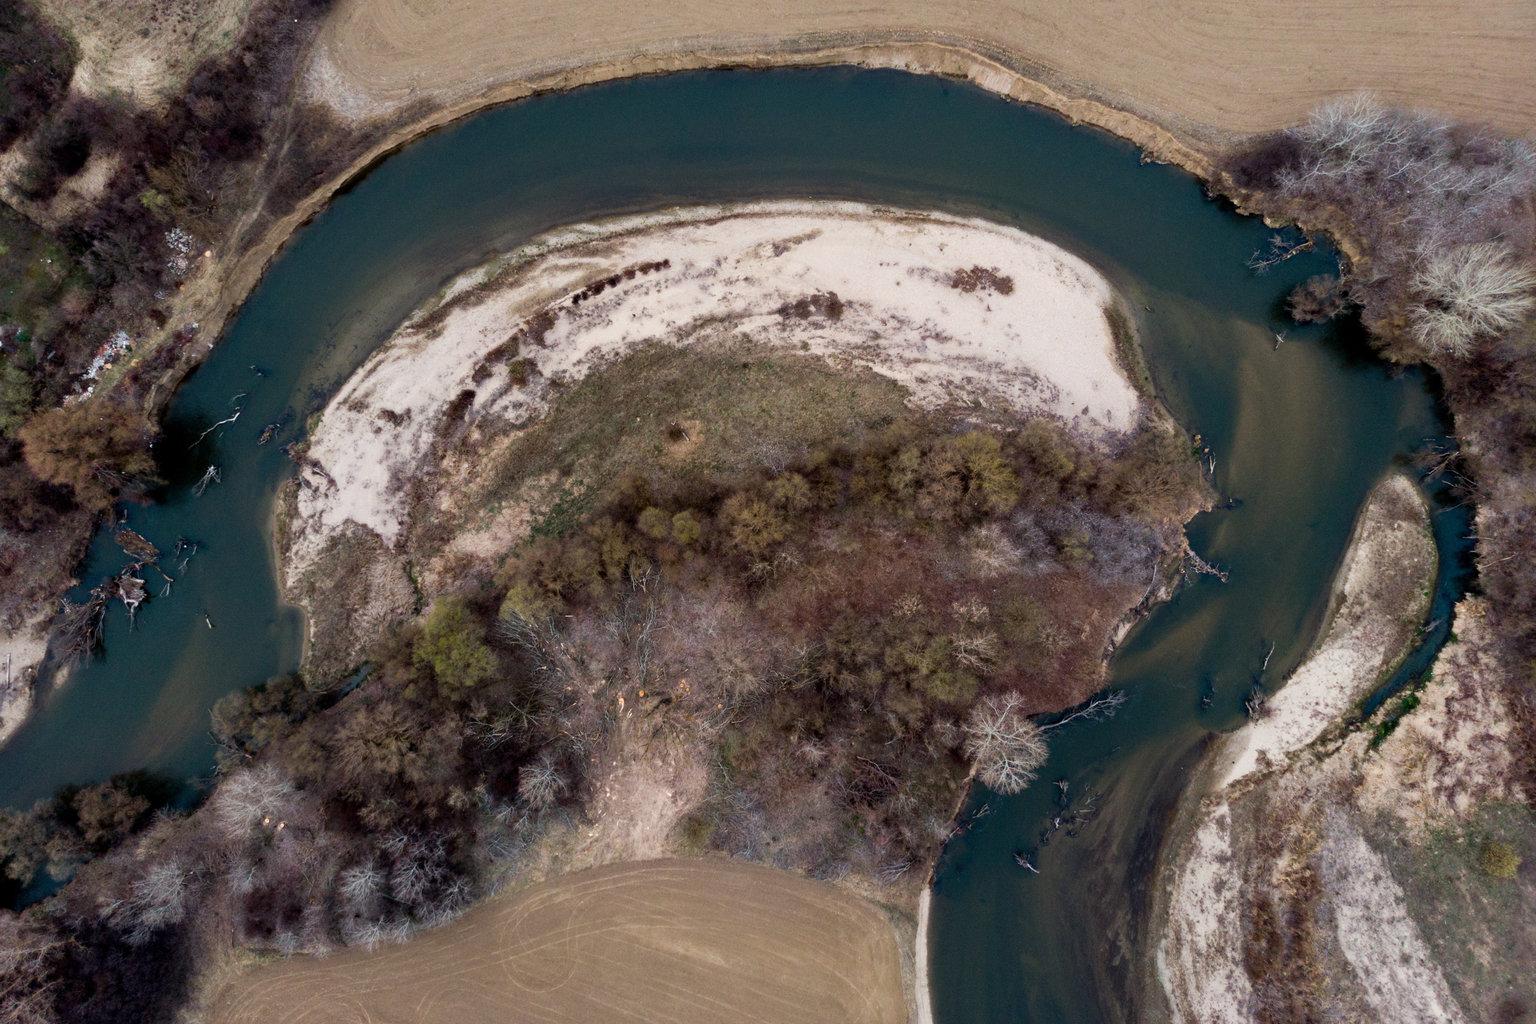 Nagycsécs, 2019. március 22. A Sajó Nagycsécsnél 2019. március 19-én. Az ENSZ március 22-ét nyilvánította a víz világnapjává, amelynek célja a környezet és ezen belül a Föld vízkészletének védelme. MTI/Czeglédi Zsolt